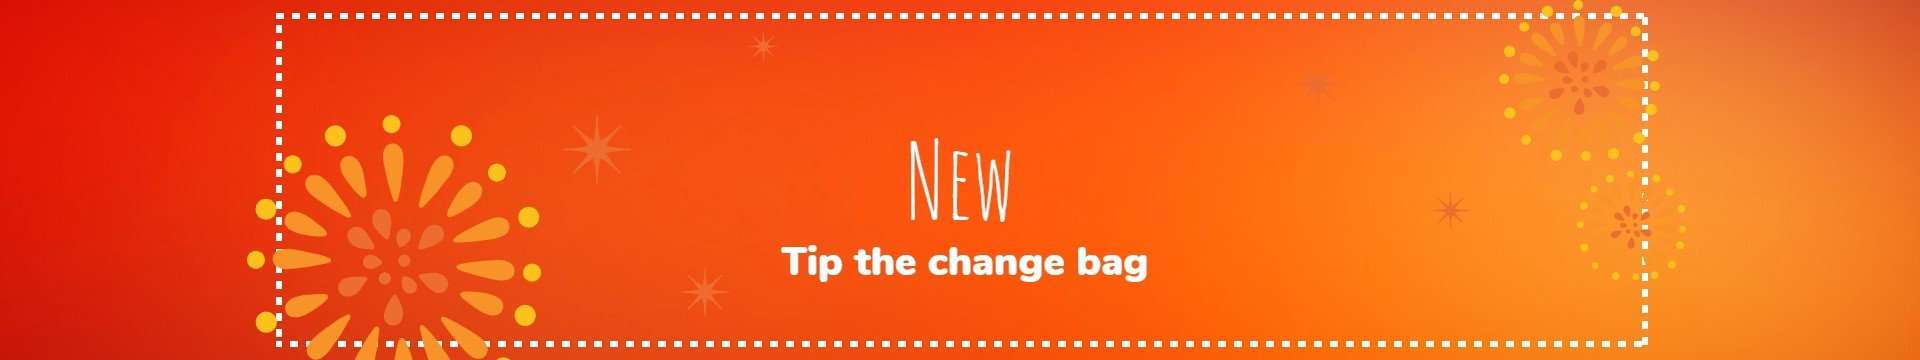 tip the change bag